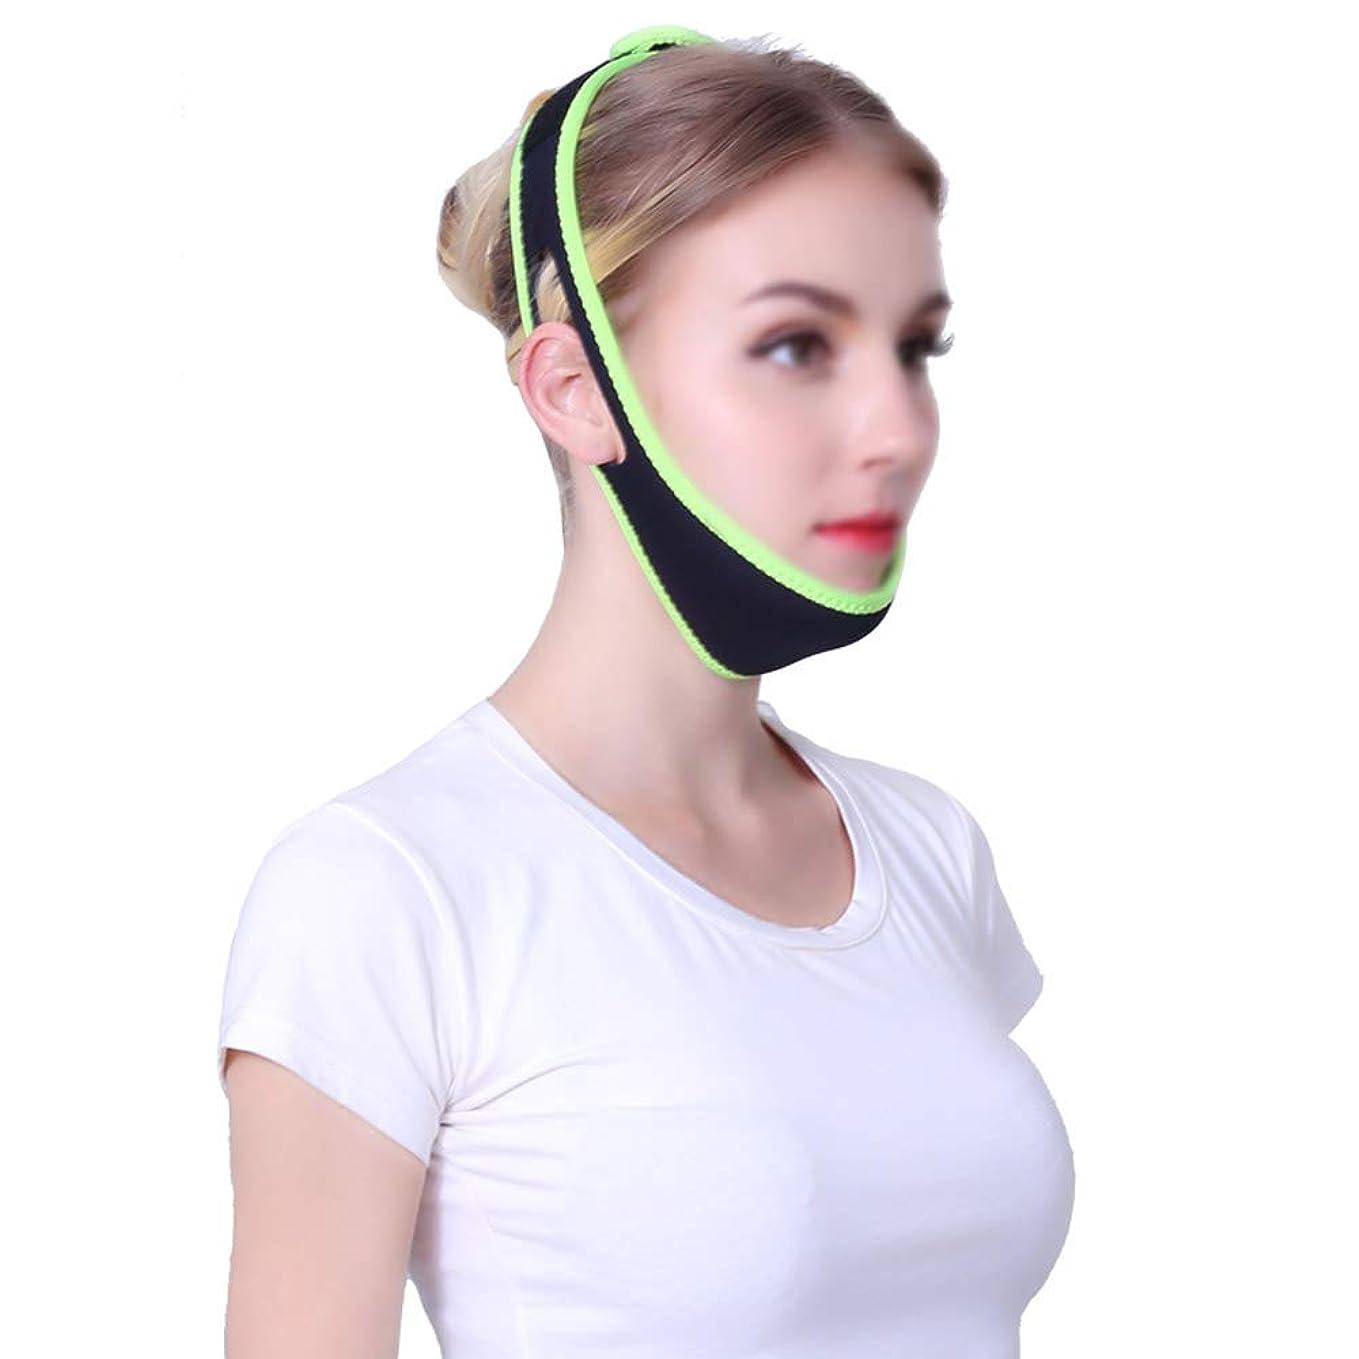 著名なキャンセルそれにもかかわらずファーミングフェイスマスク、小さなVフェイスアーティファクト睡眠薄いフェイス包帯マスクリフティングマスクファーミングクリームフェイスリフトフェイスメロンフェイス楽器